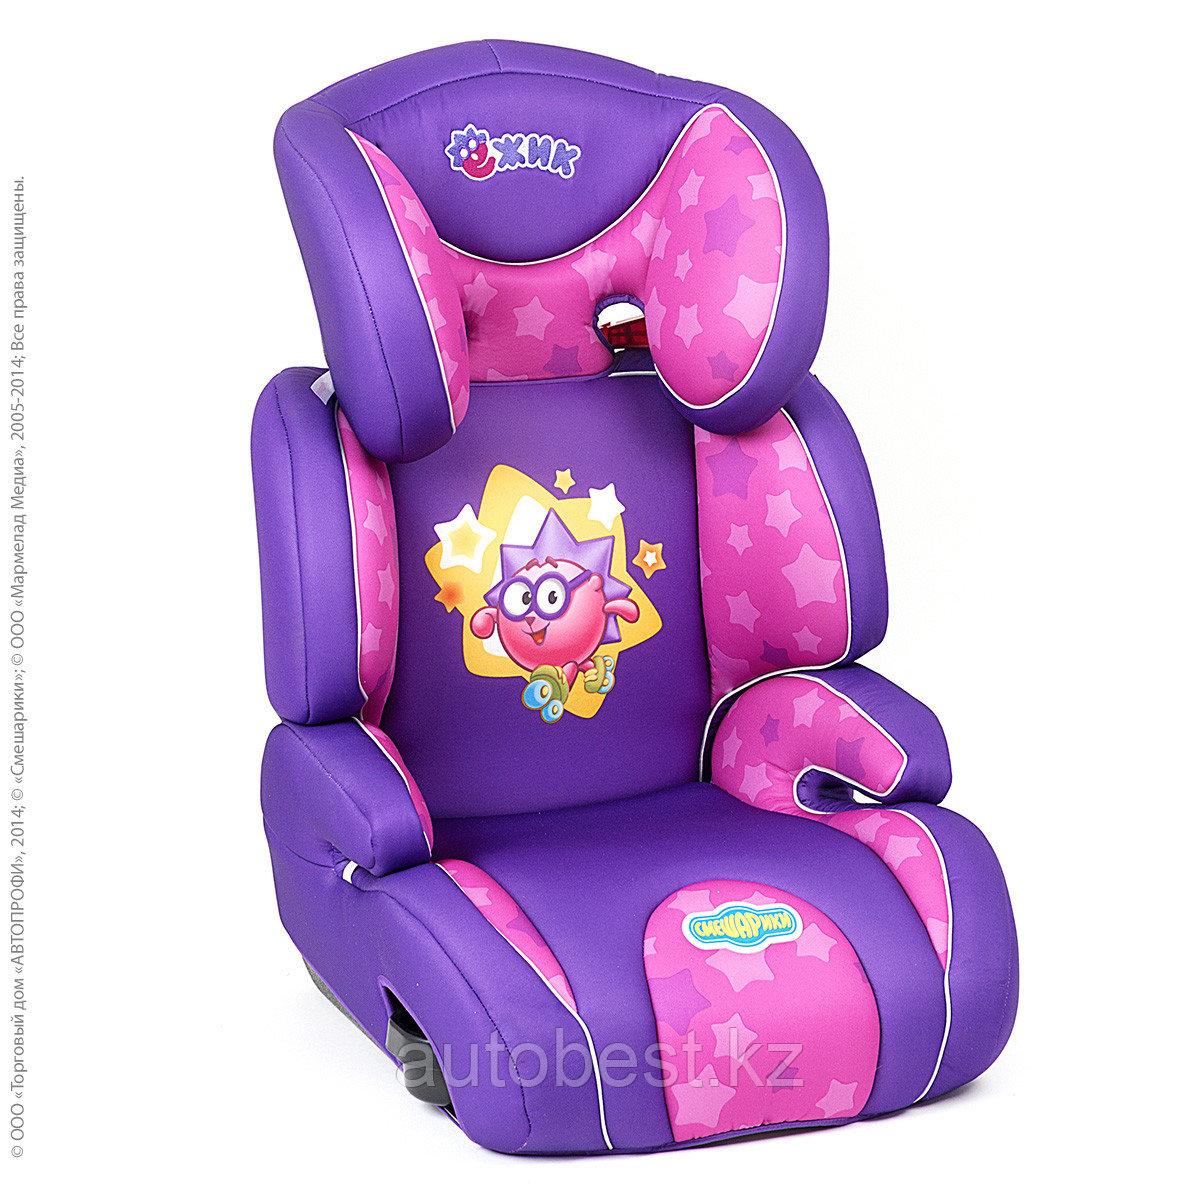 Детское кресло «Смешарики», группы2/3 (15-36кг/3-12 года),с Ежиком, поролон 3 см,фиолетовый